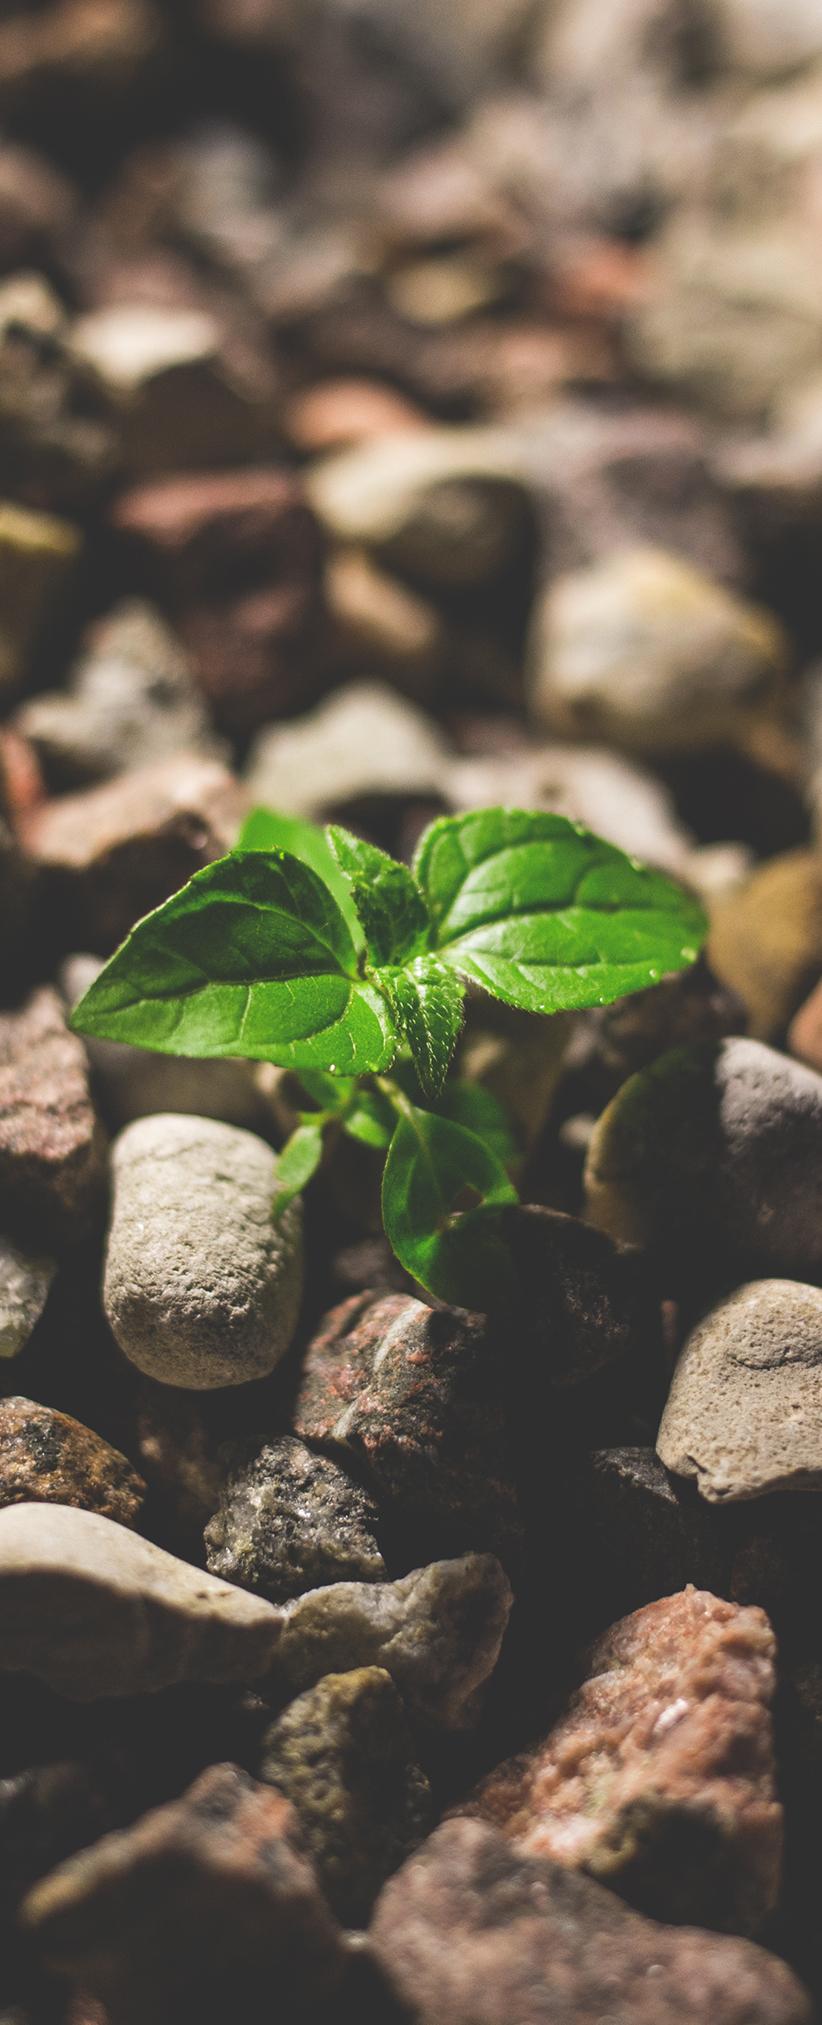 Une plante pousse comme nous vous accompagnons pour pérenniser votre entreprise grâce au business developpement